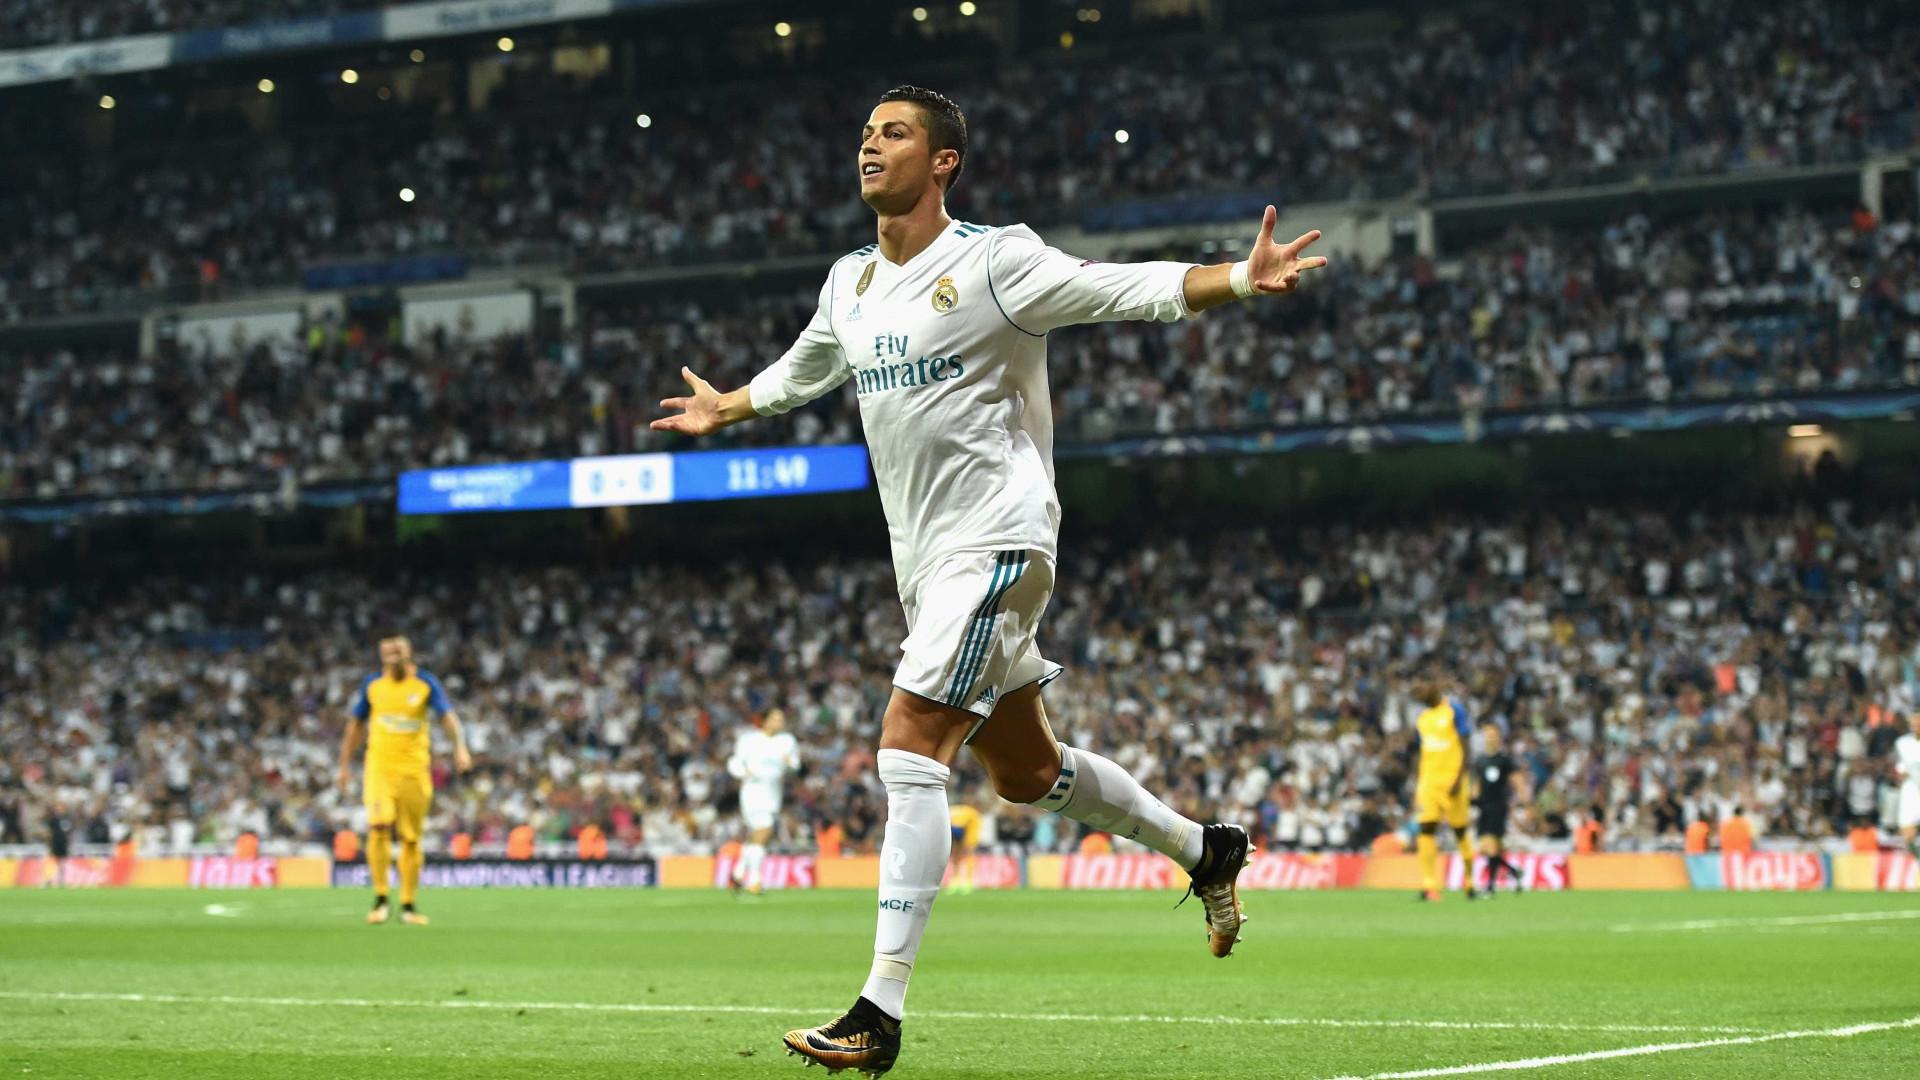 """Zidane rende-se em elogios a CR7: """"É o melhor do mundo"""""""